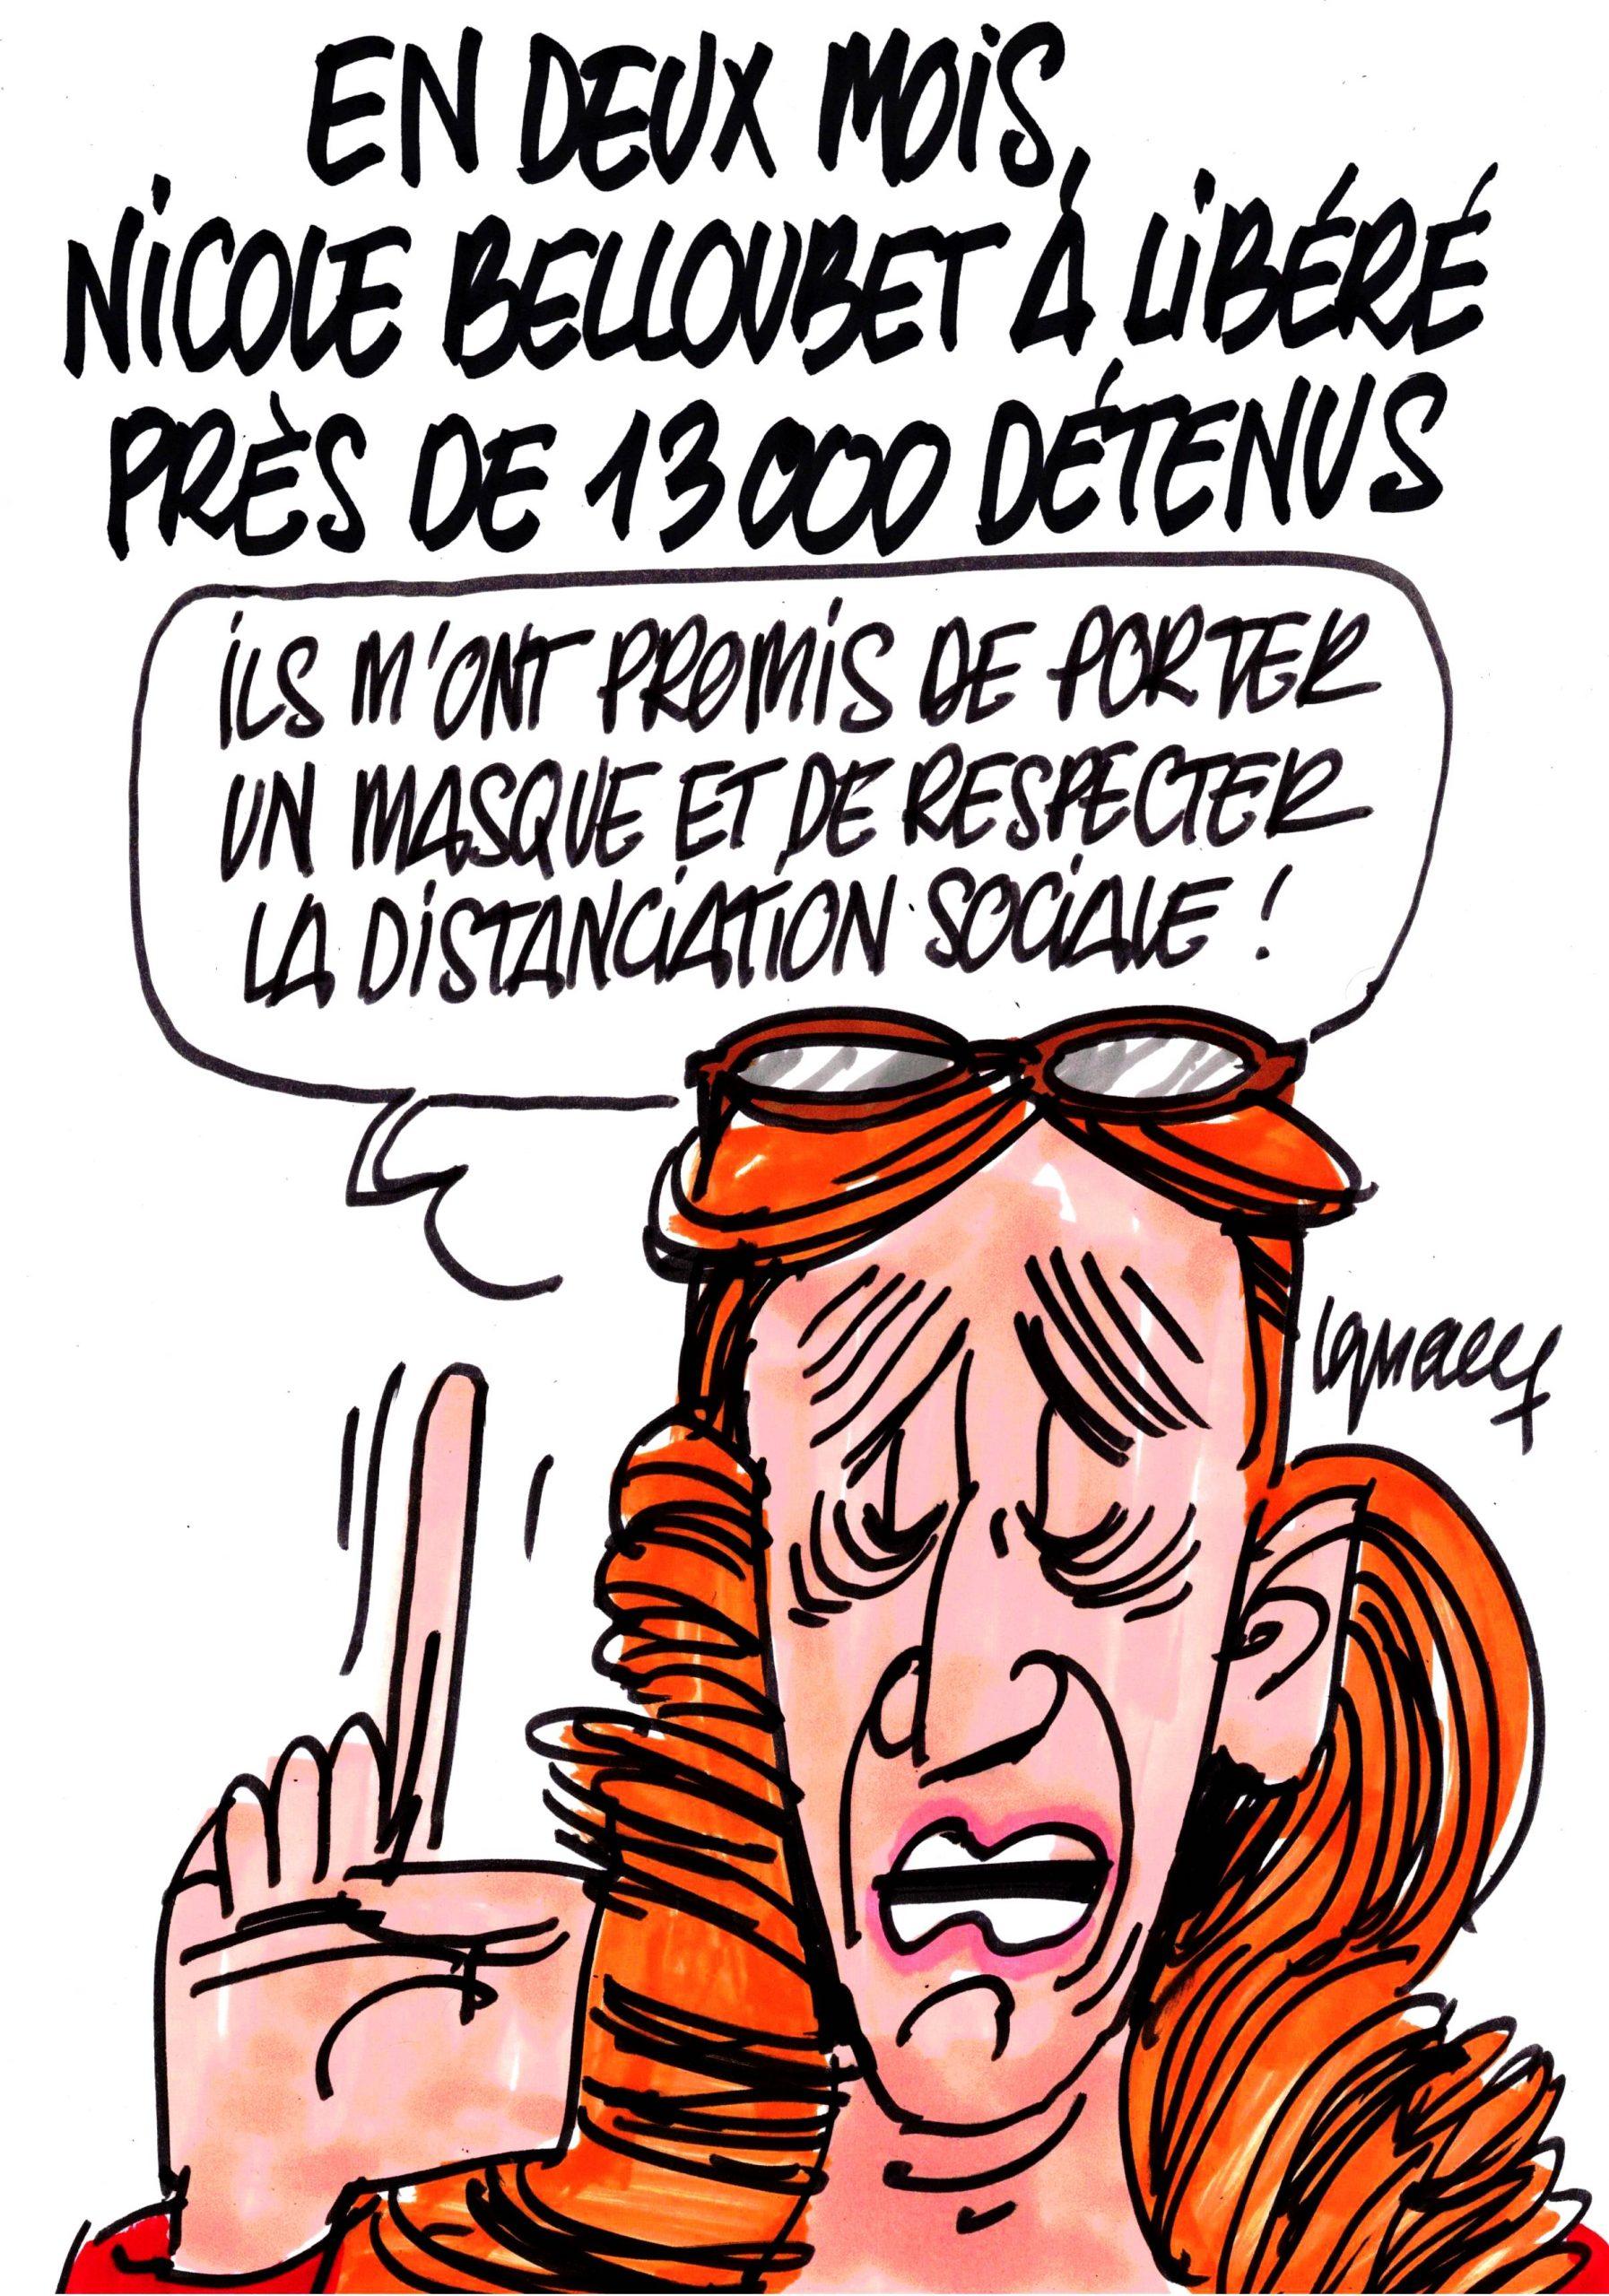 Ignace - Belloubet libère 13000 détenus